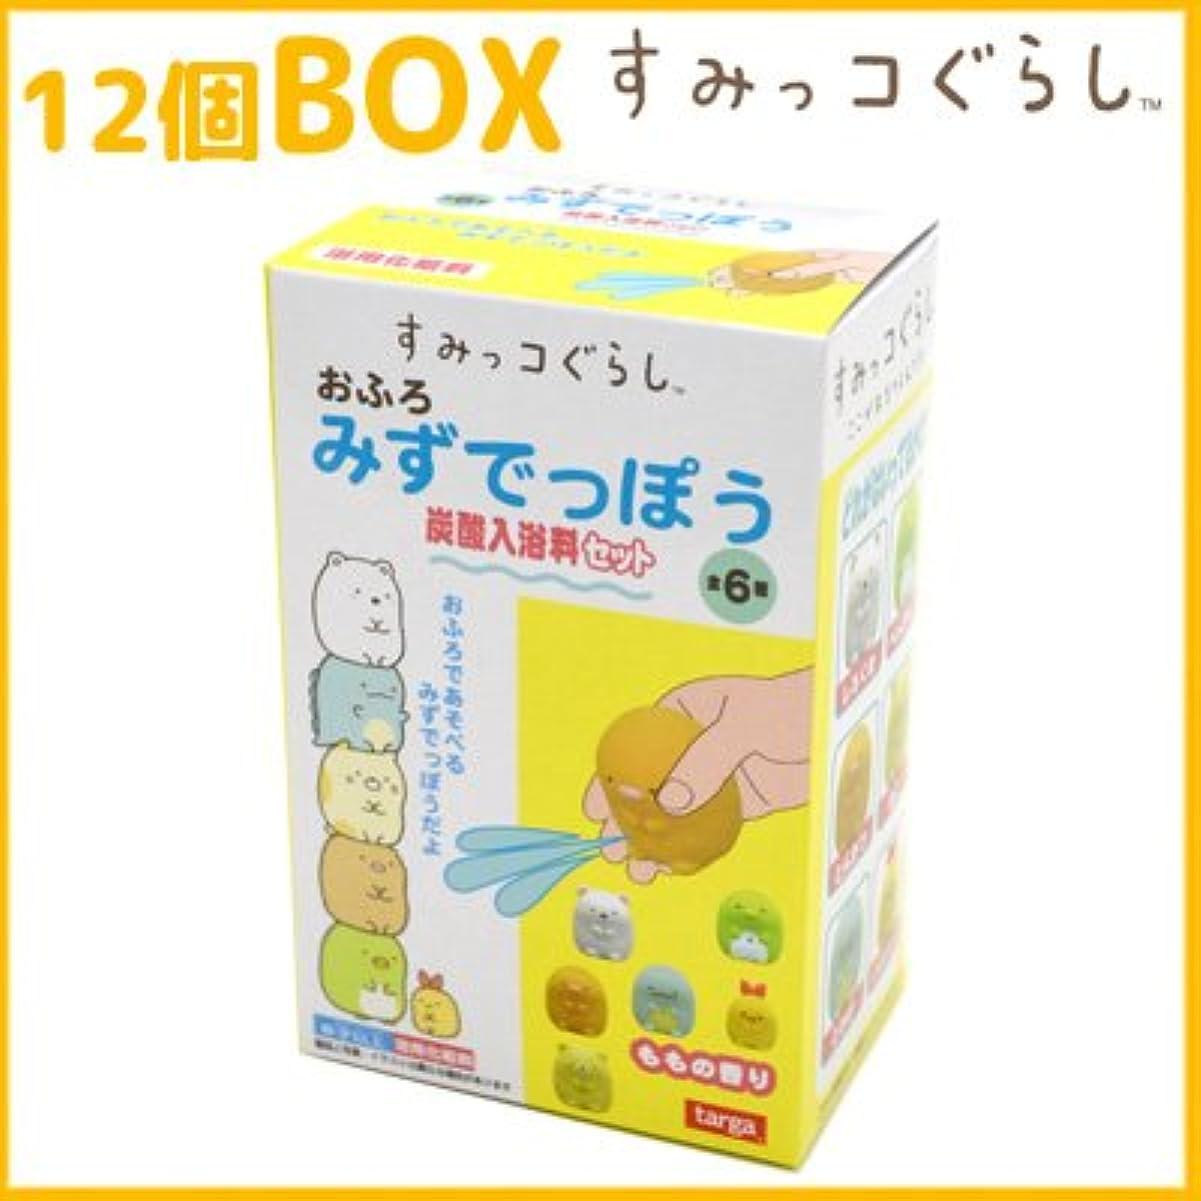 の前で熱心な虚弱すみっコぐらしおふろみずてっぽう炭酸入浴剤セット12個セットBOX販売